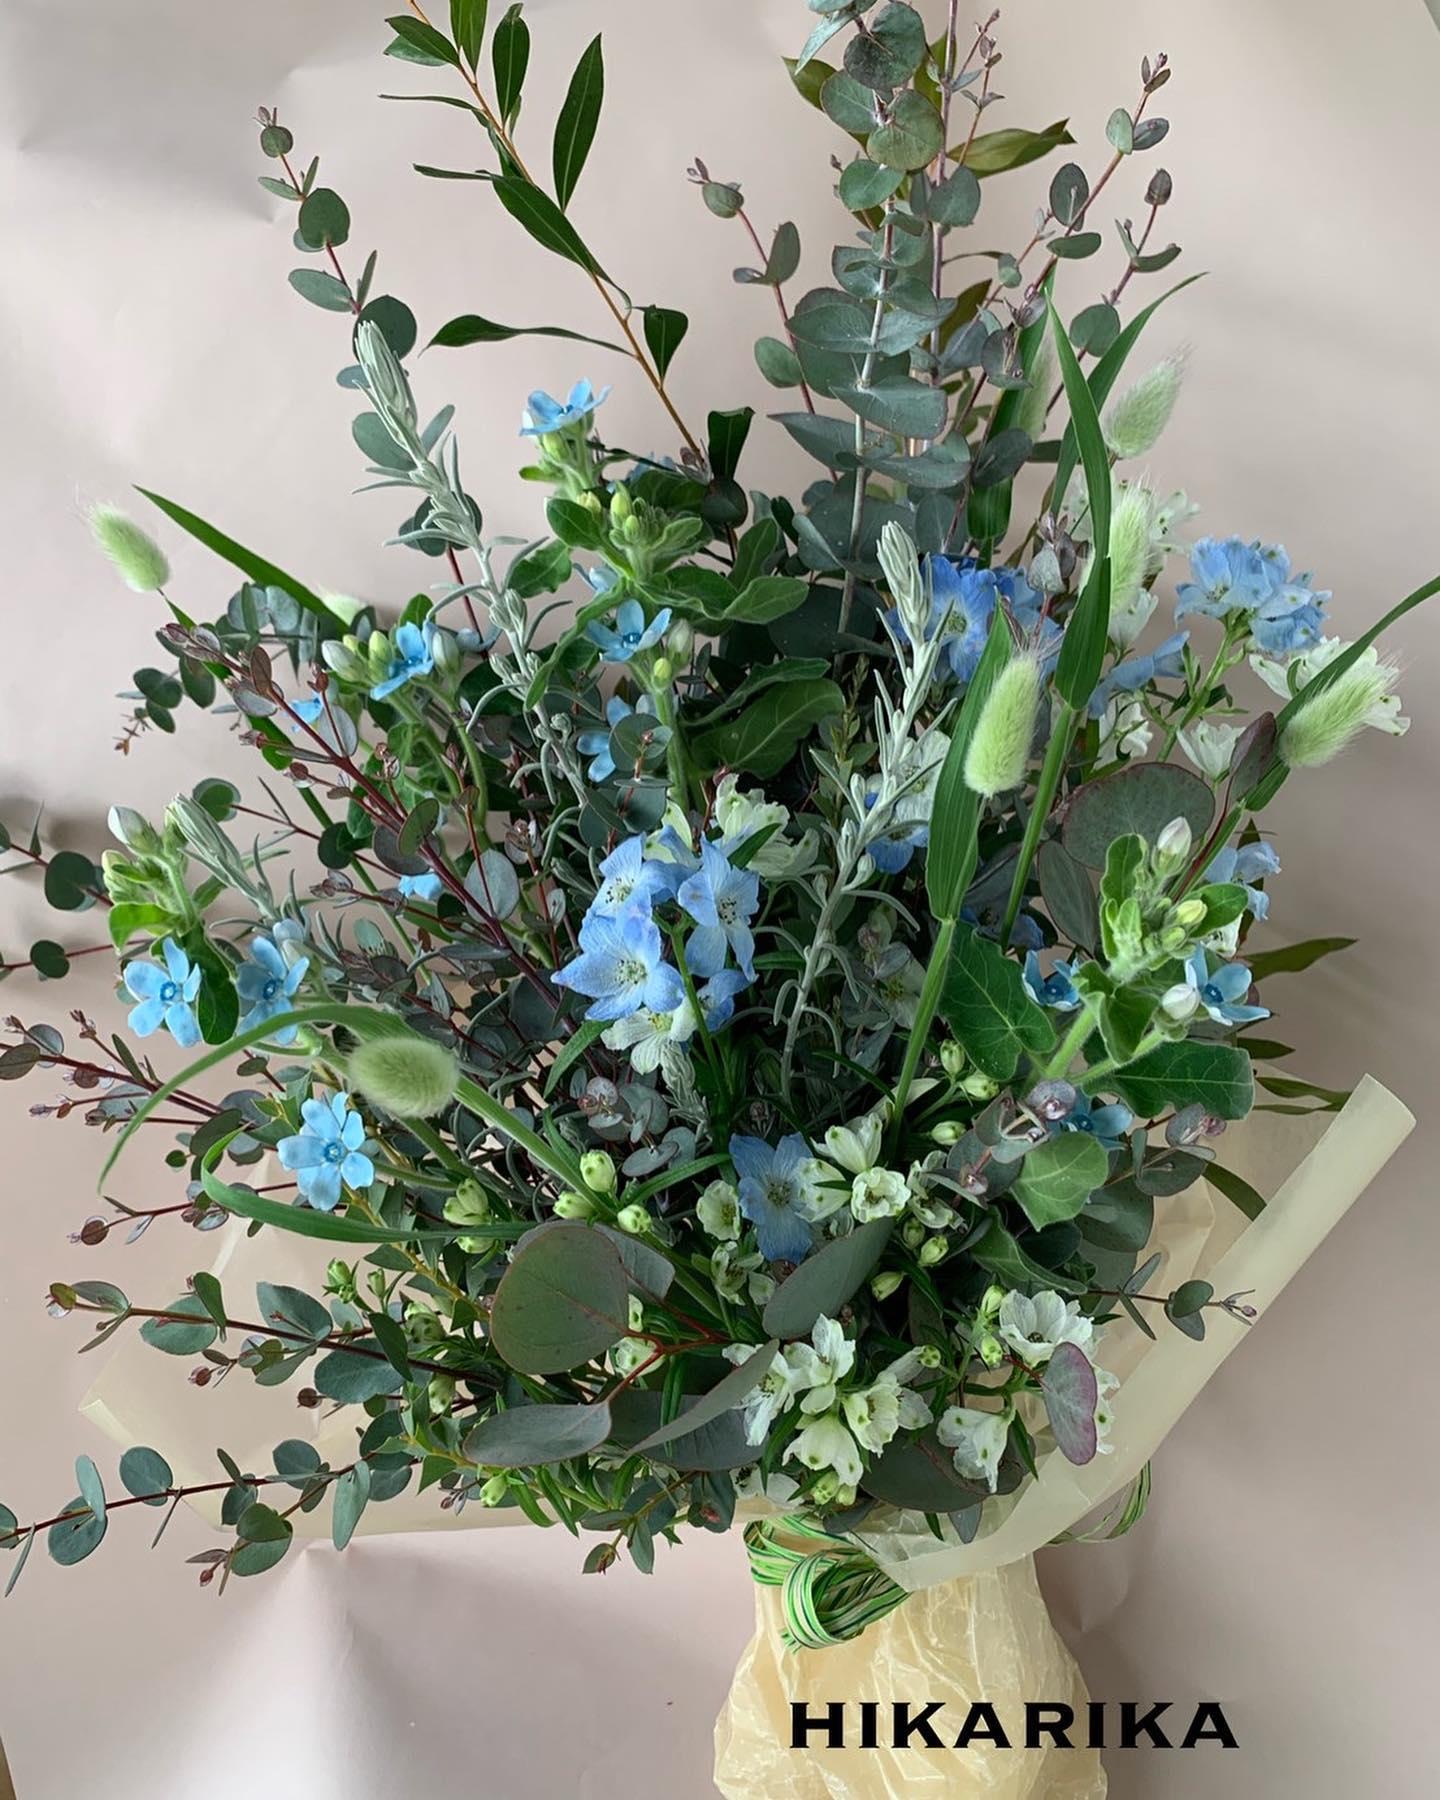 見たい映画があるのですが、なかなかタイミングが合わず行けません『花束みたいな恋をした』のポスターで有村架純さんが持ってる花束が素敵で作ってみました草花メインのパステルブルー系花束です。題名になるほどストーリーのイメージの花束なのかなぁ〜とか考えつつ、、早く観たい️#花束みたいな恋をした #ラグラス#デルフィニウム#ブルースター#ユーカリグニー#草花系花束#ヒカリカ